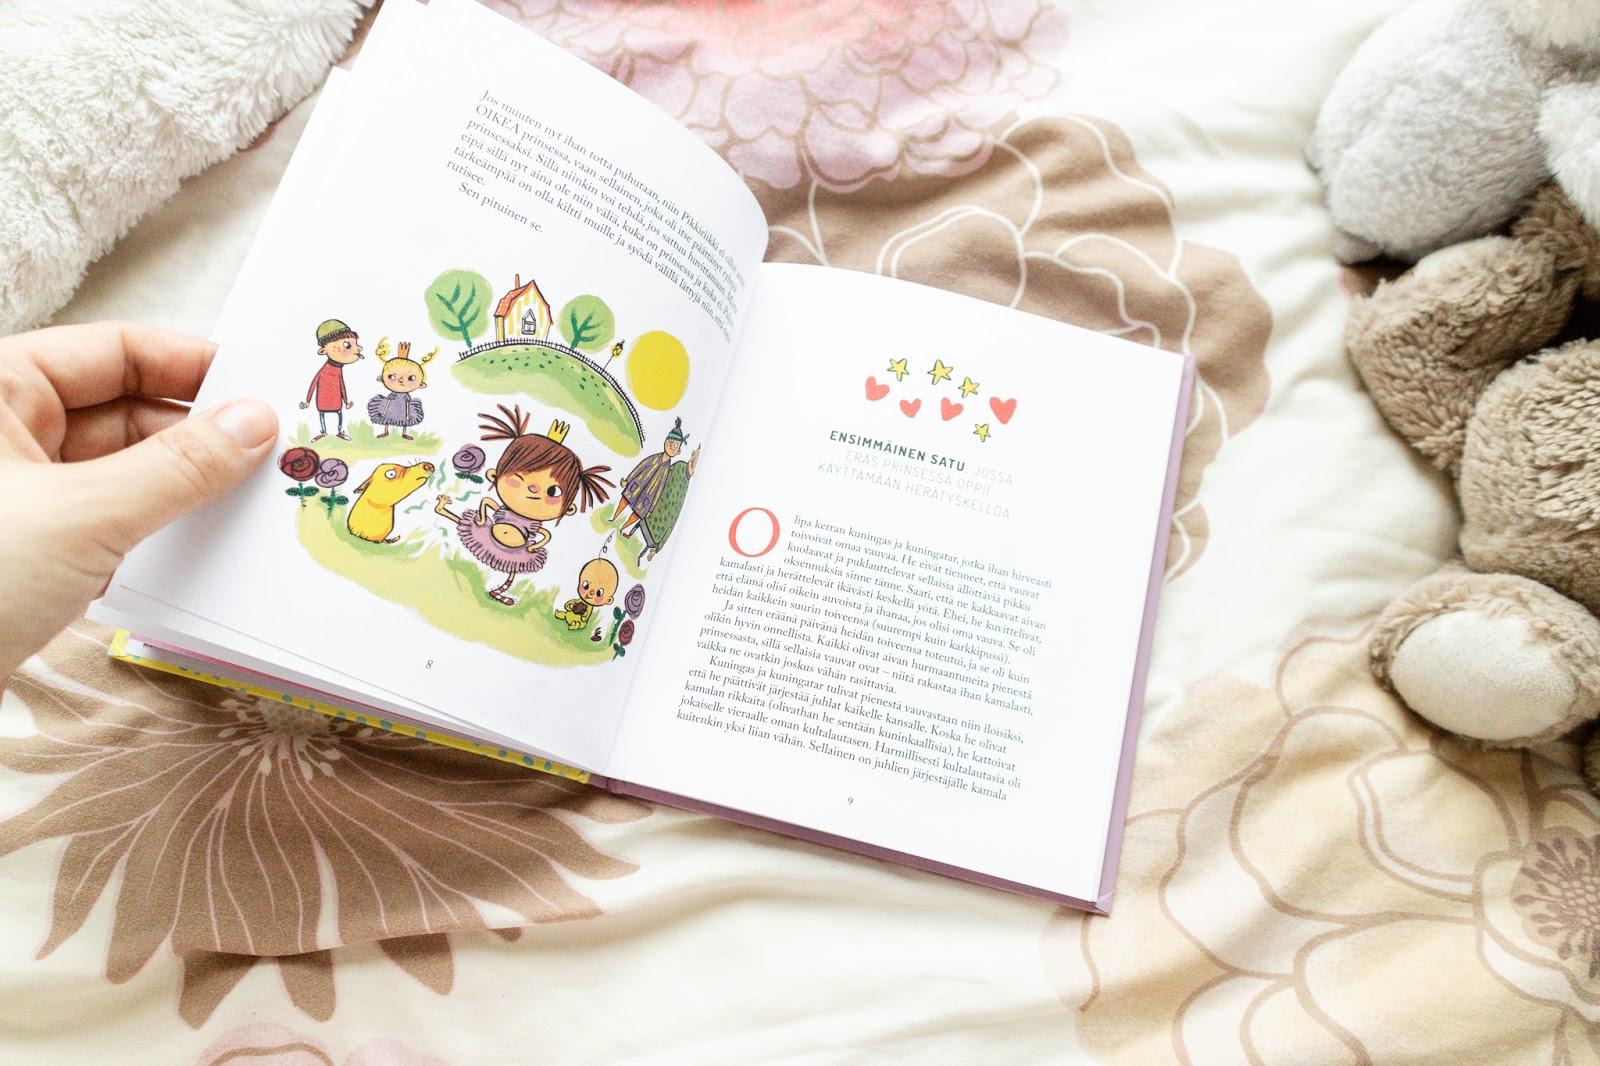 Big mamas home by Jenni S. Kirjasuosituksia lapsille, Prinsessa Pikkiriikin astetta paremmat iltasadut, Fanni ja suuri tunnemöykky